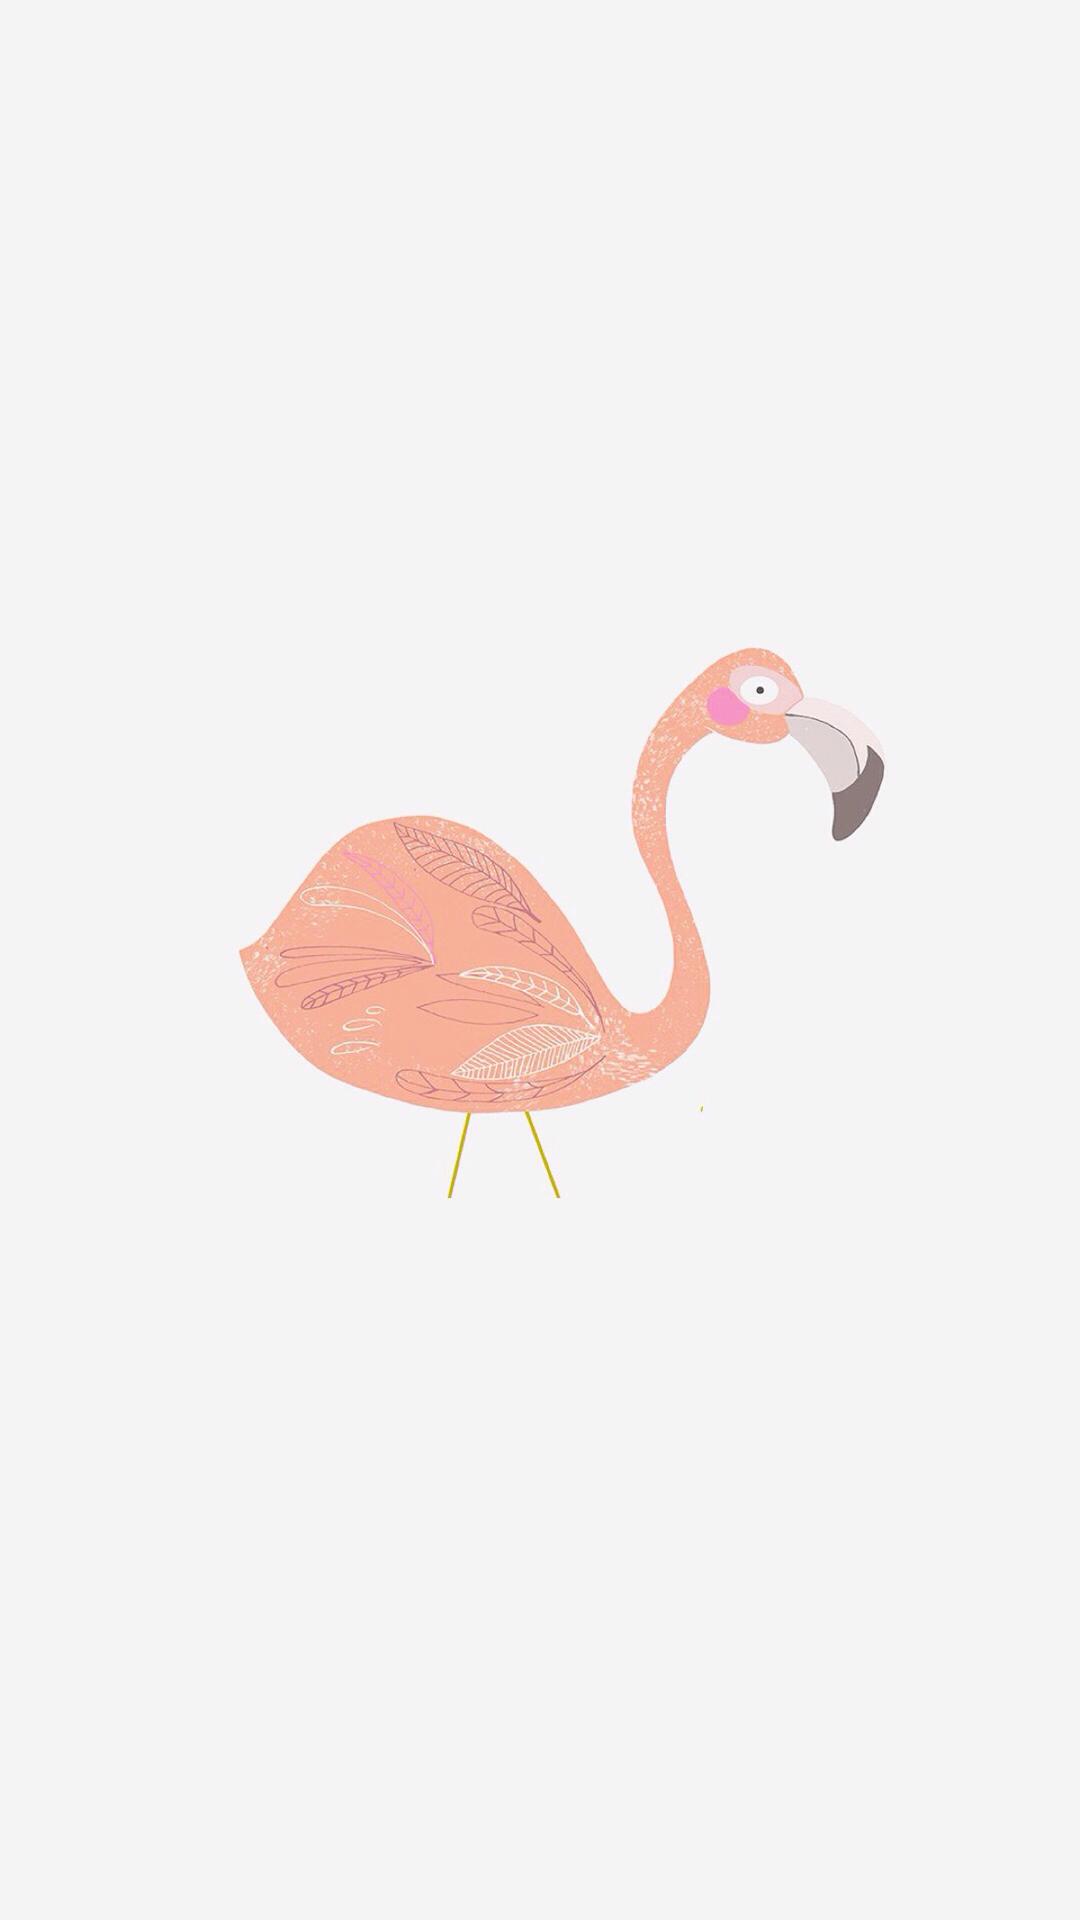 火烈鸟 粉色 手绘 简约 白色